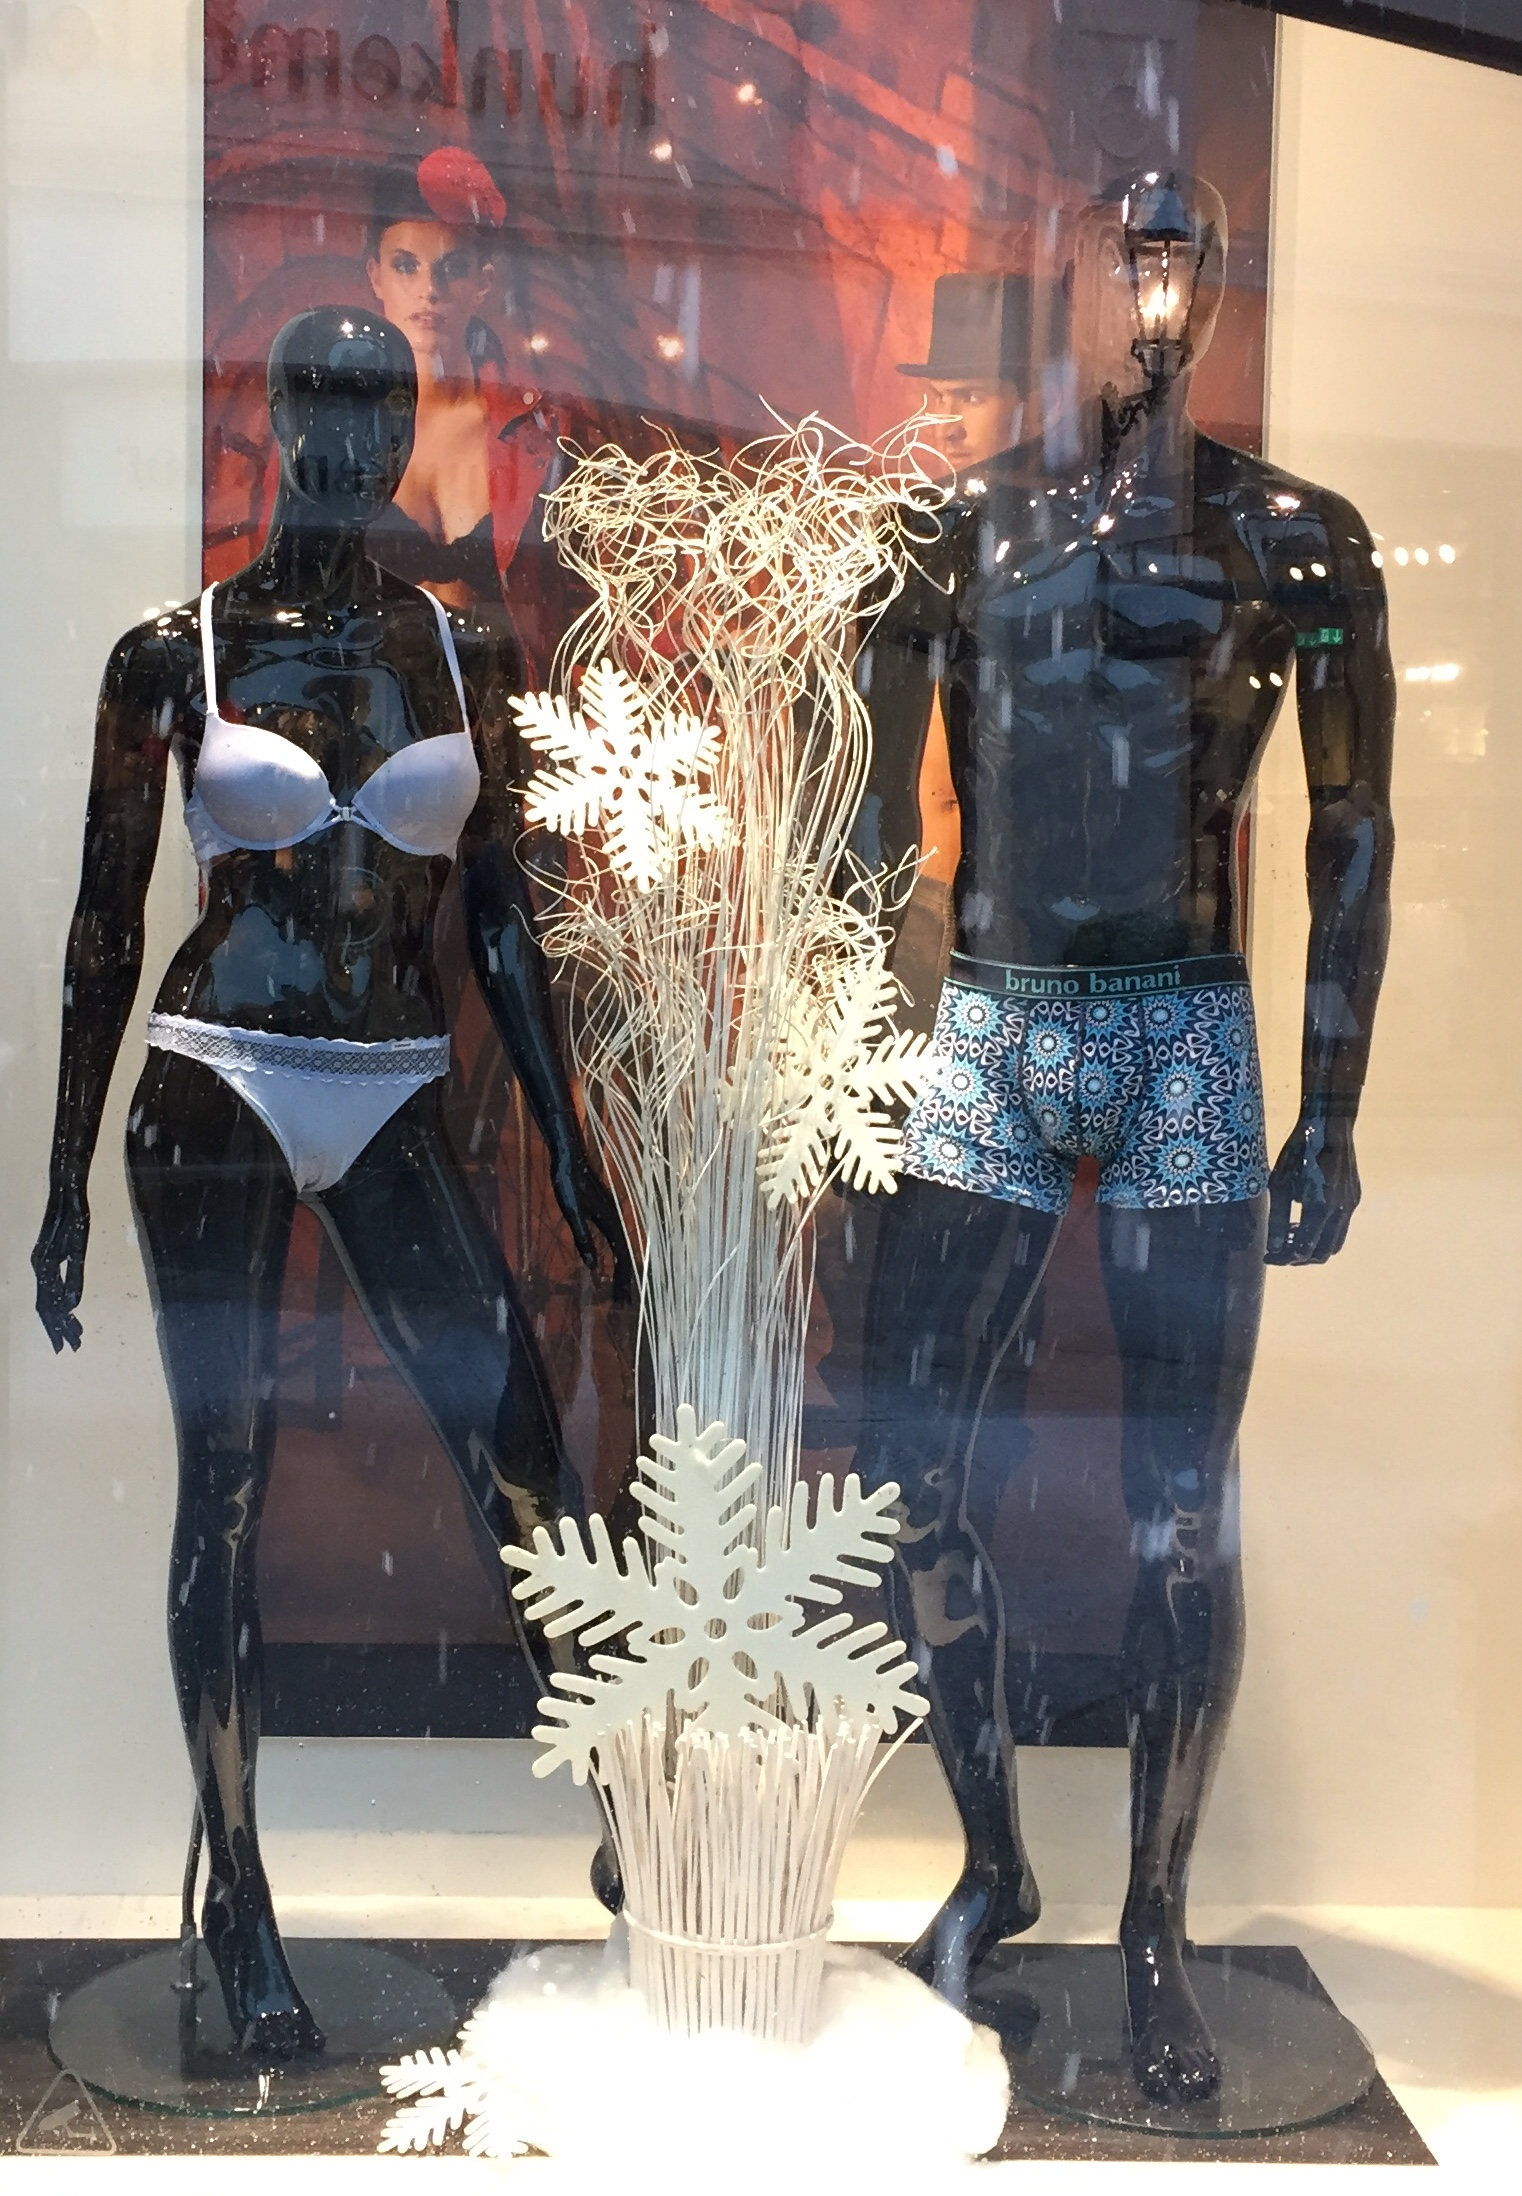 Frostige Wäsche bei Bruno Banani im Outlet Center Neumünster